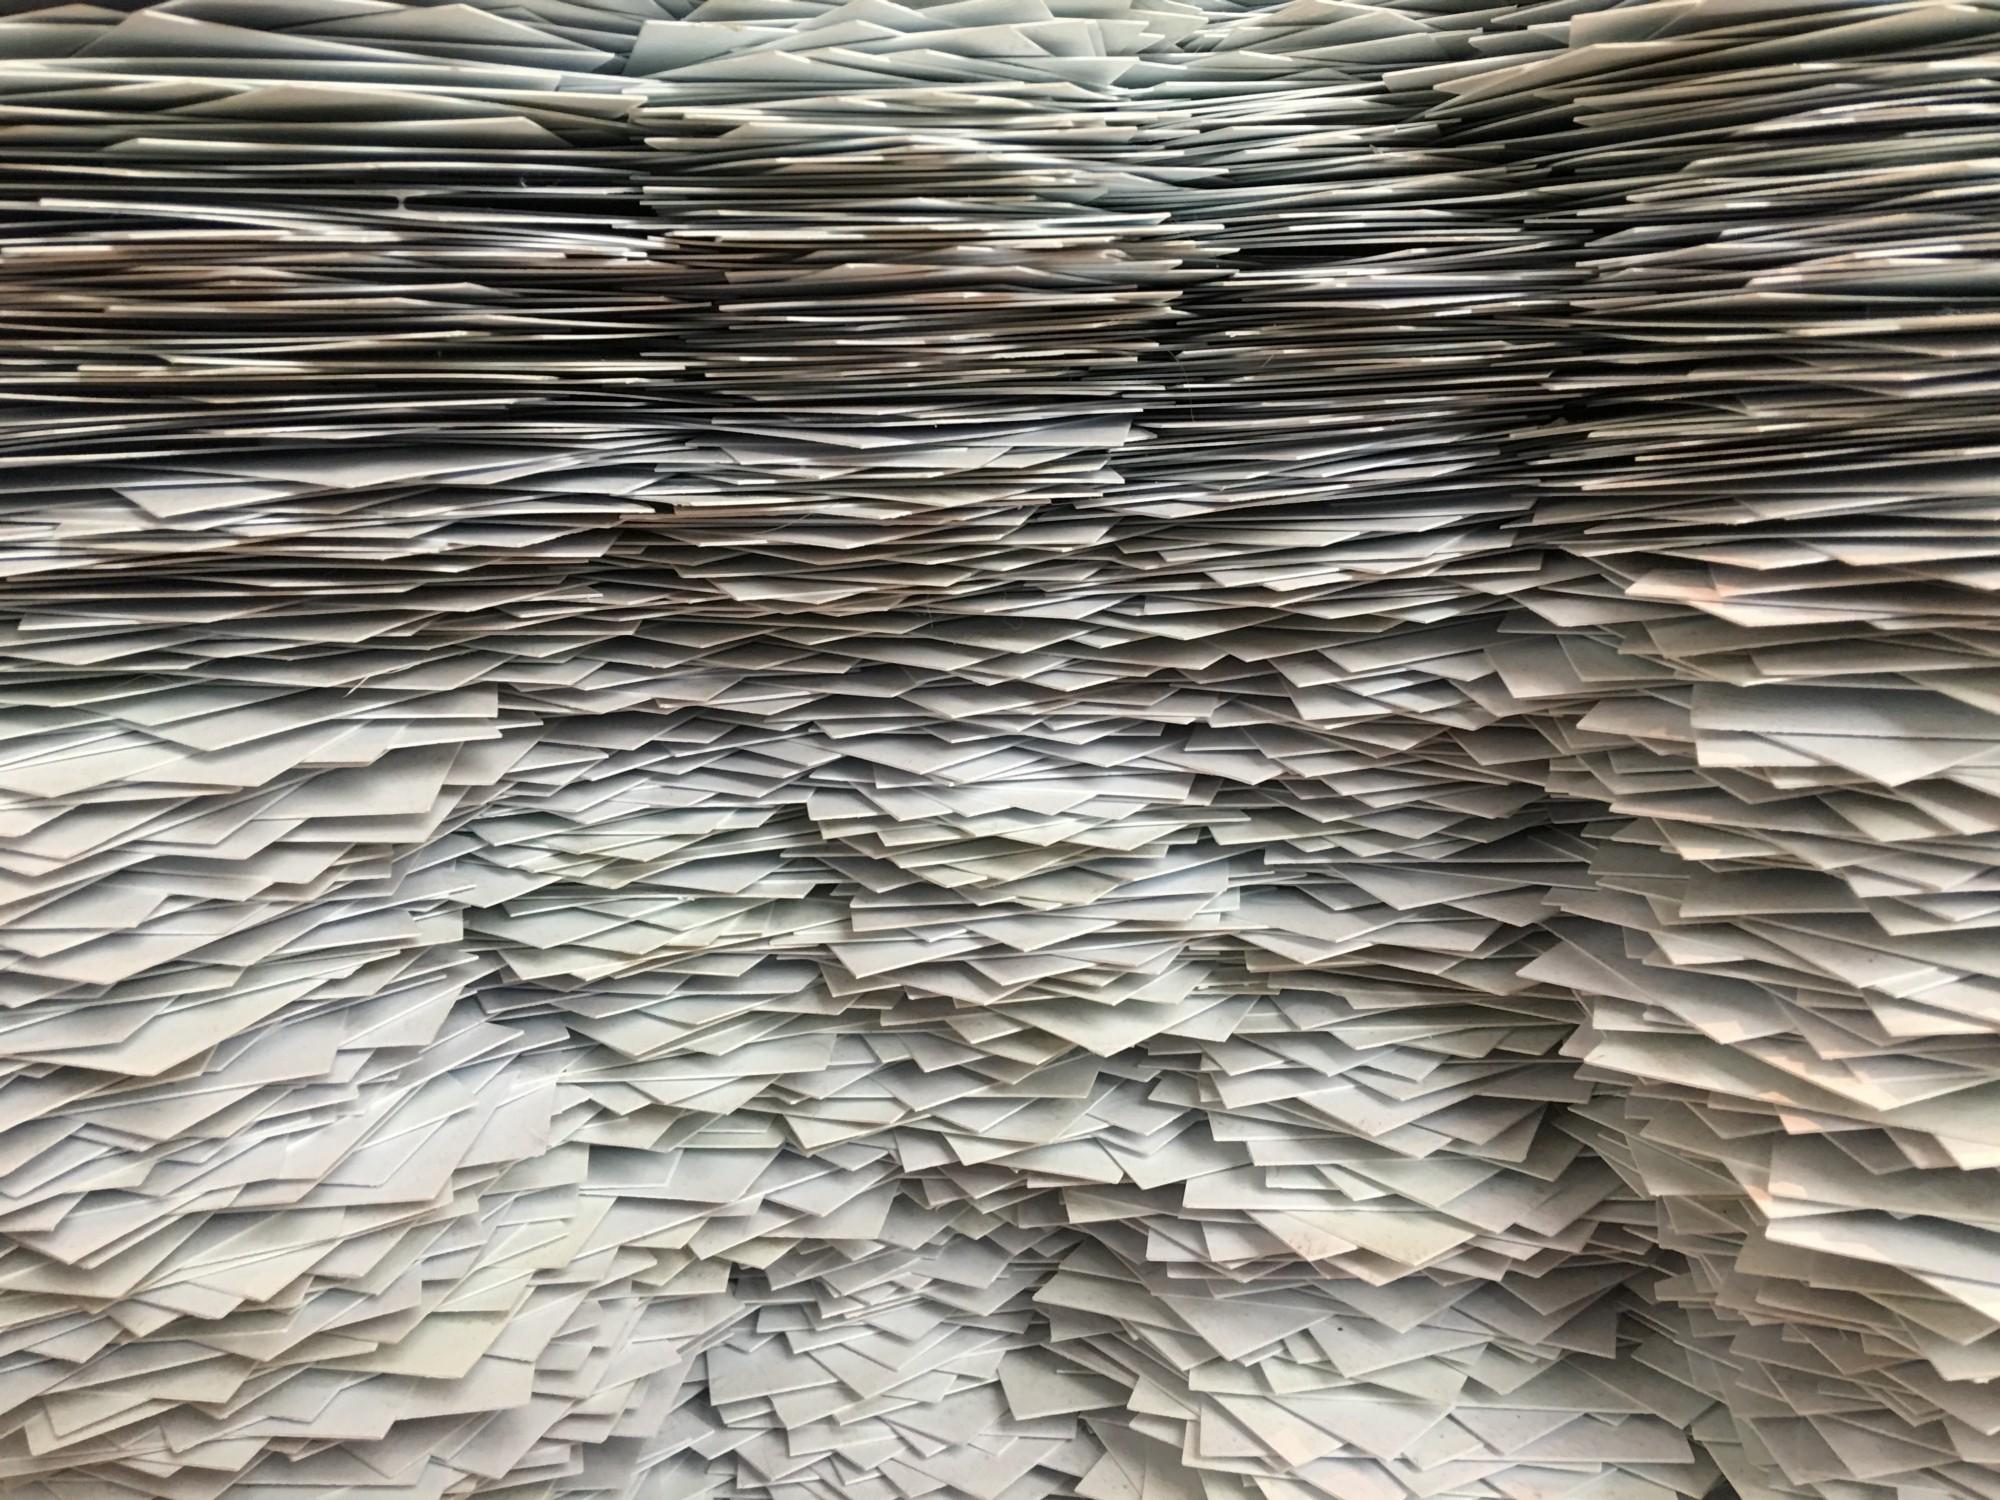 mound of paperwork